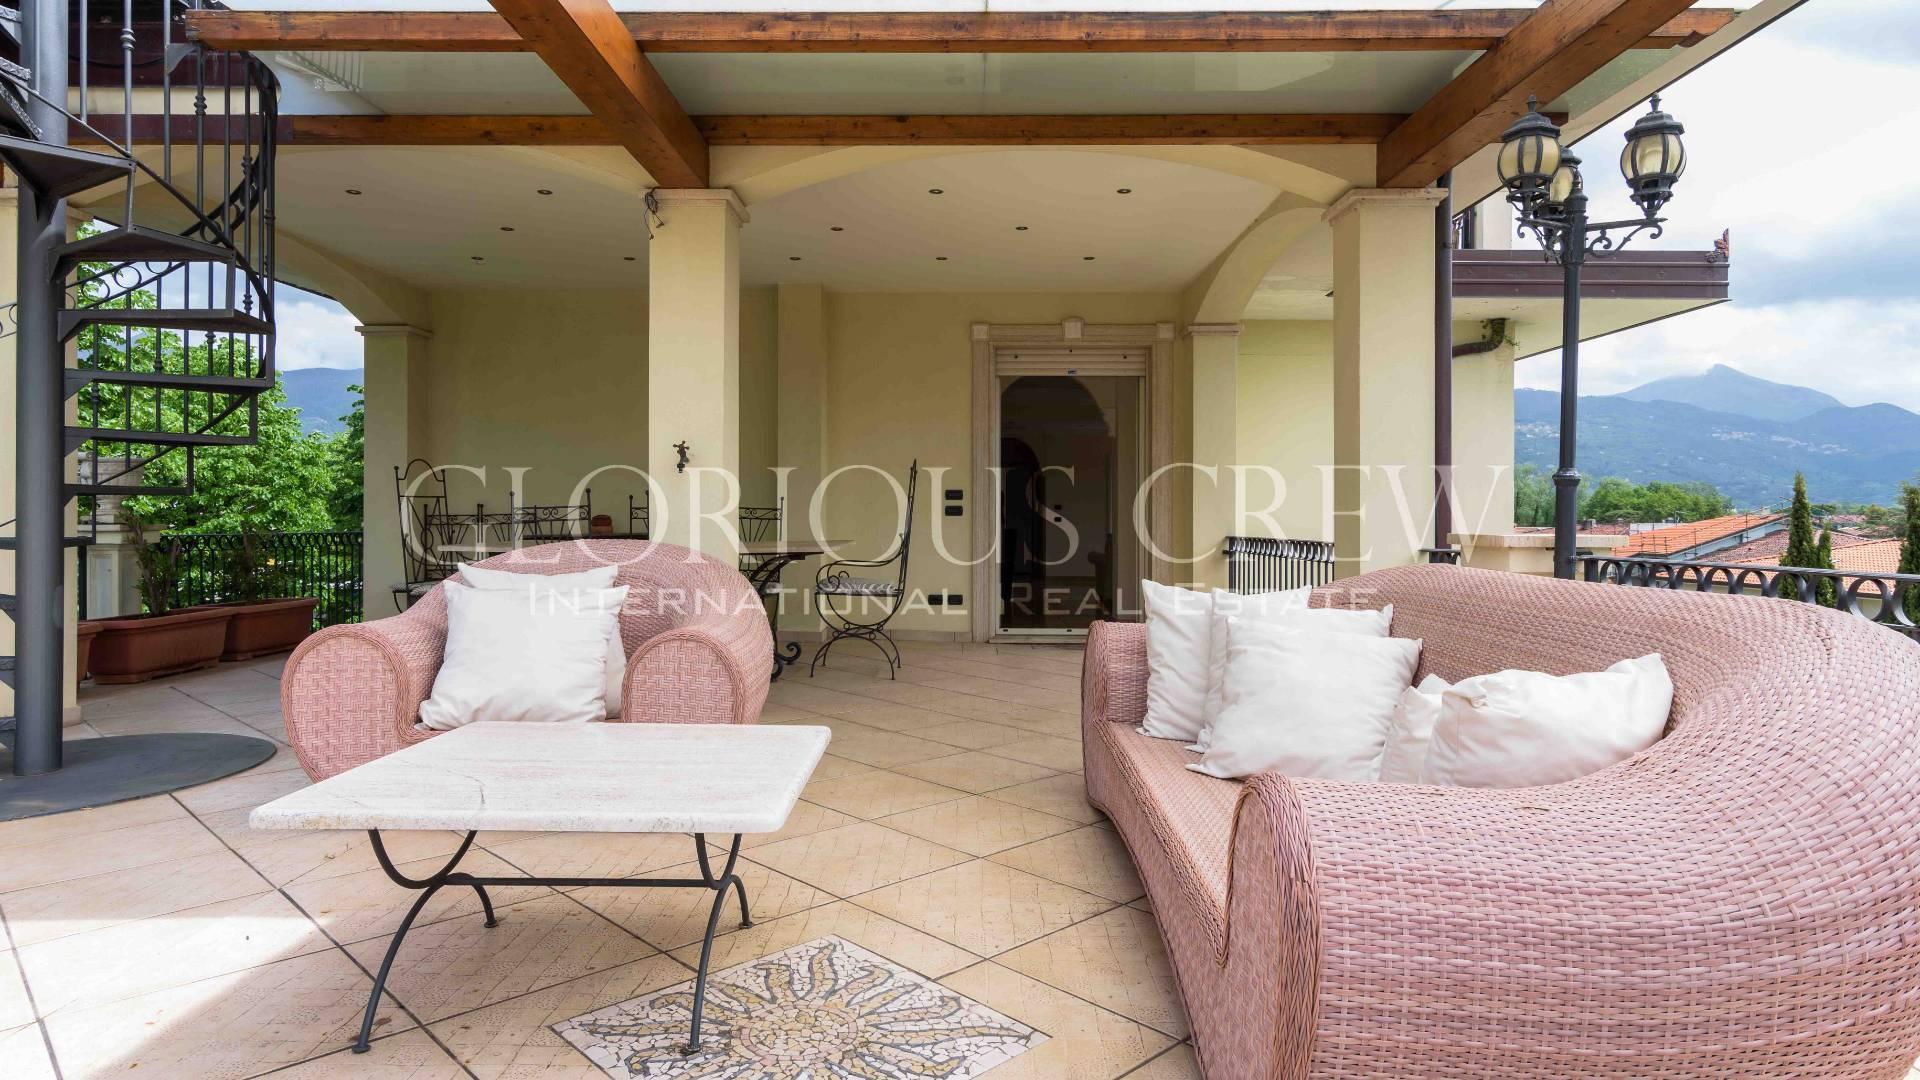 Appartamento in Vendita a Forte Dei Marmi: 4 locali, 155 mq - Foto 4